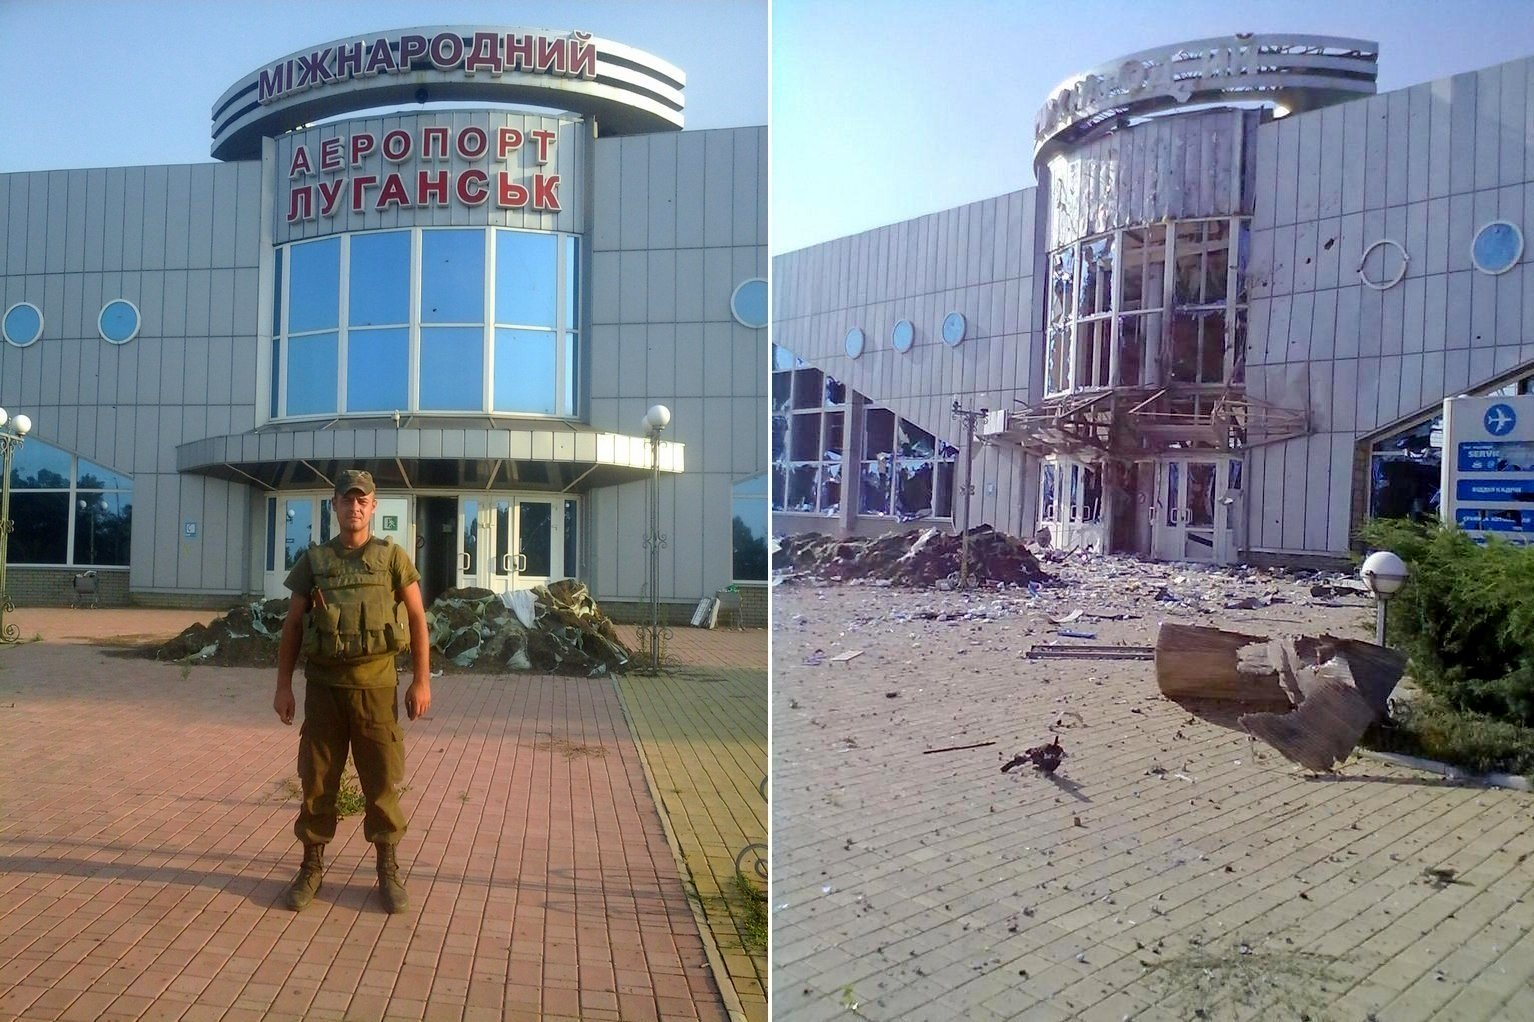 Зачем Путину нужны были аэропорты Донецка и Луганска: генерал ВСУ Кривонос объяснил, чего добивалась Россия